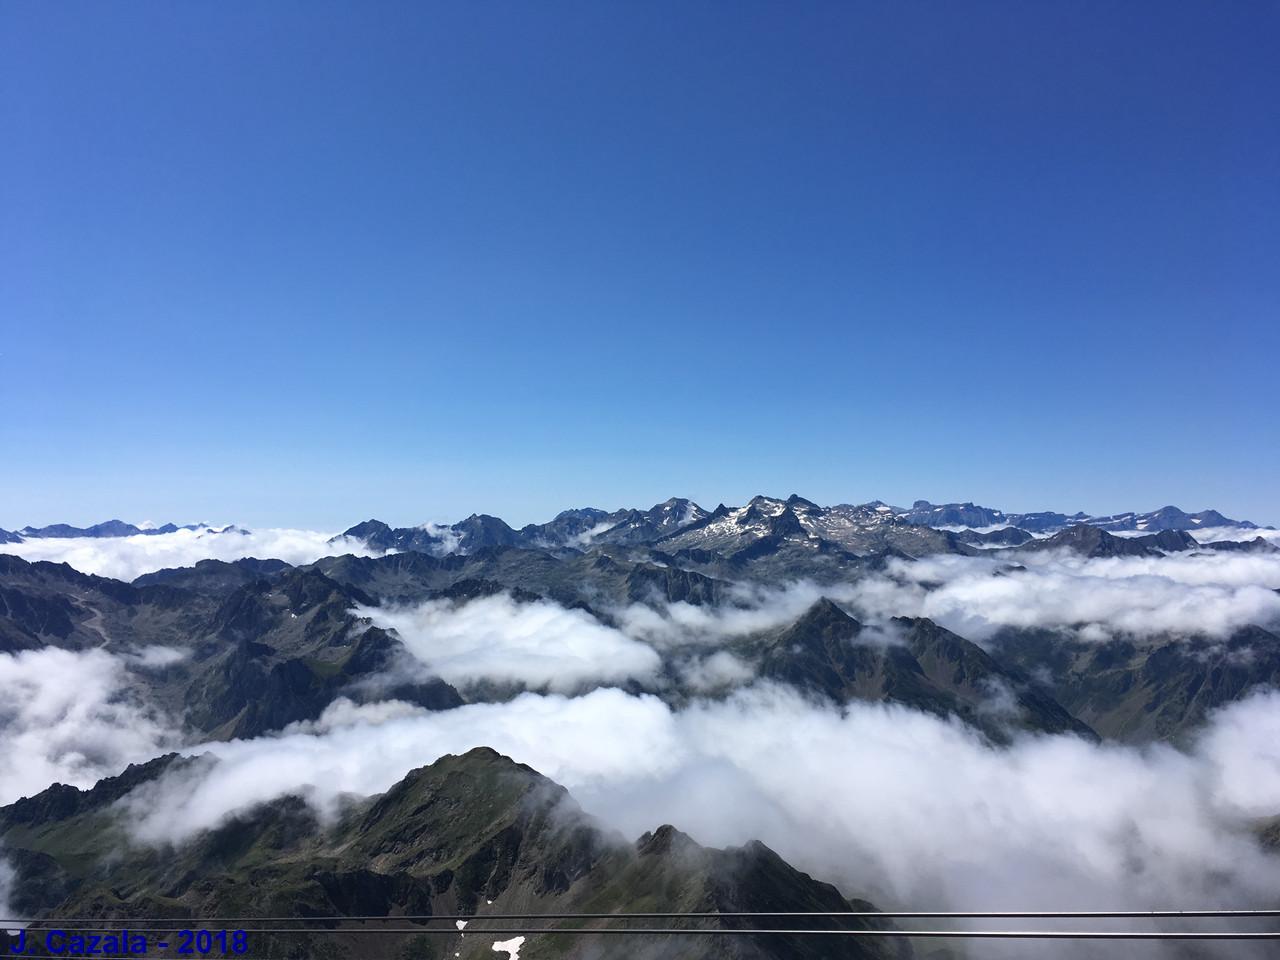 Mer de nuages sur la chaîne des Pyrénées